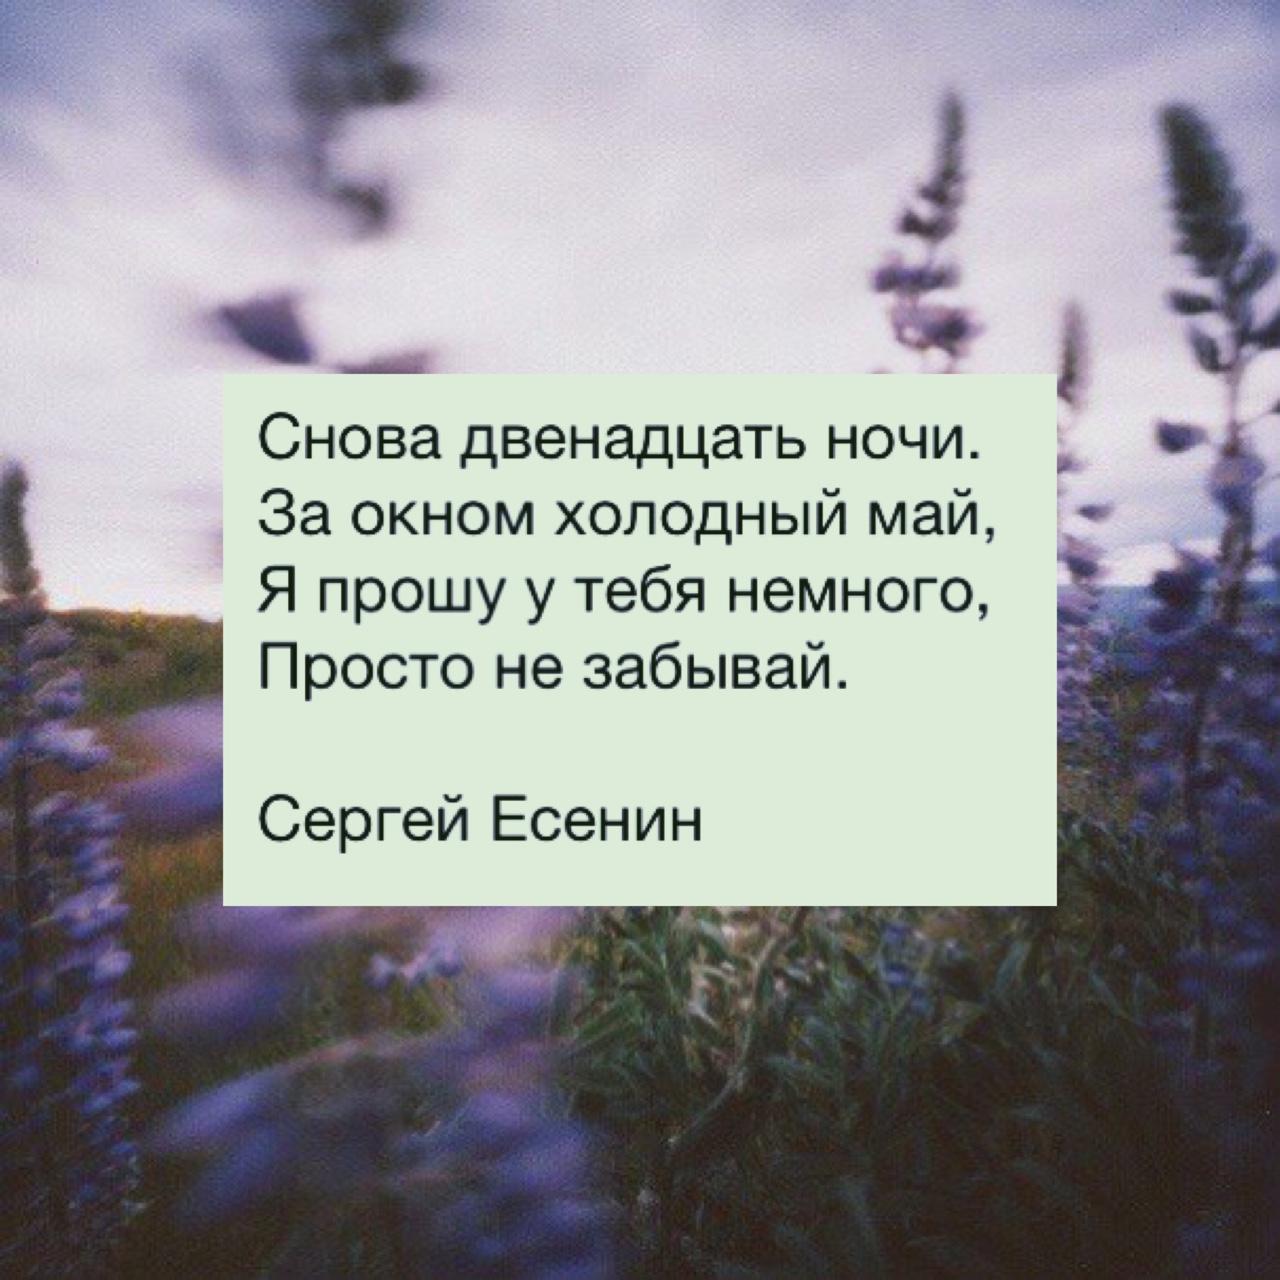 Цитаты о любви сергея есенина